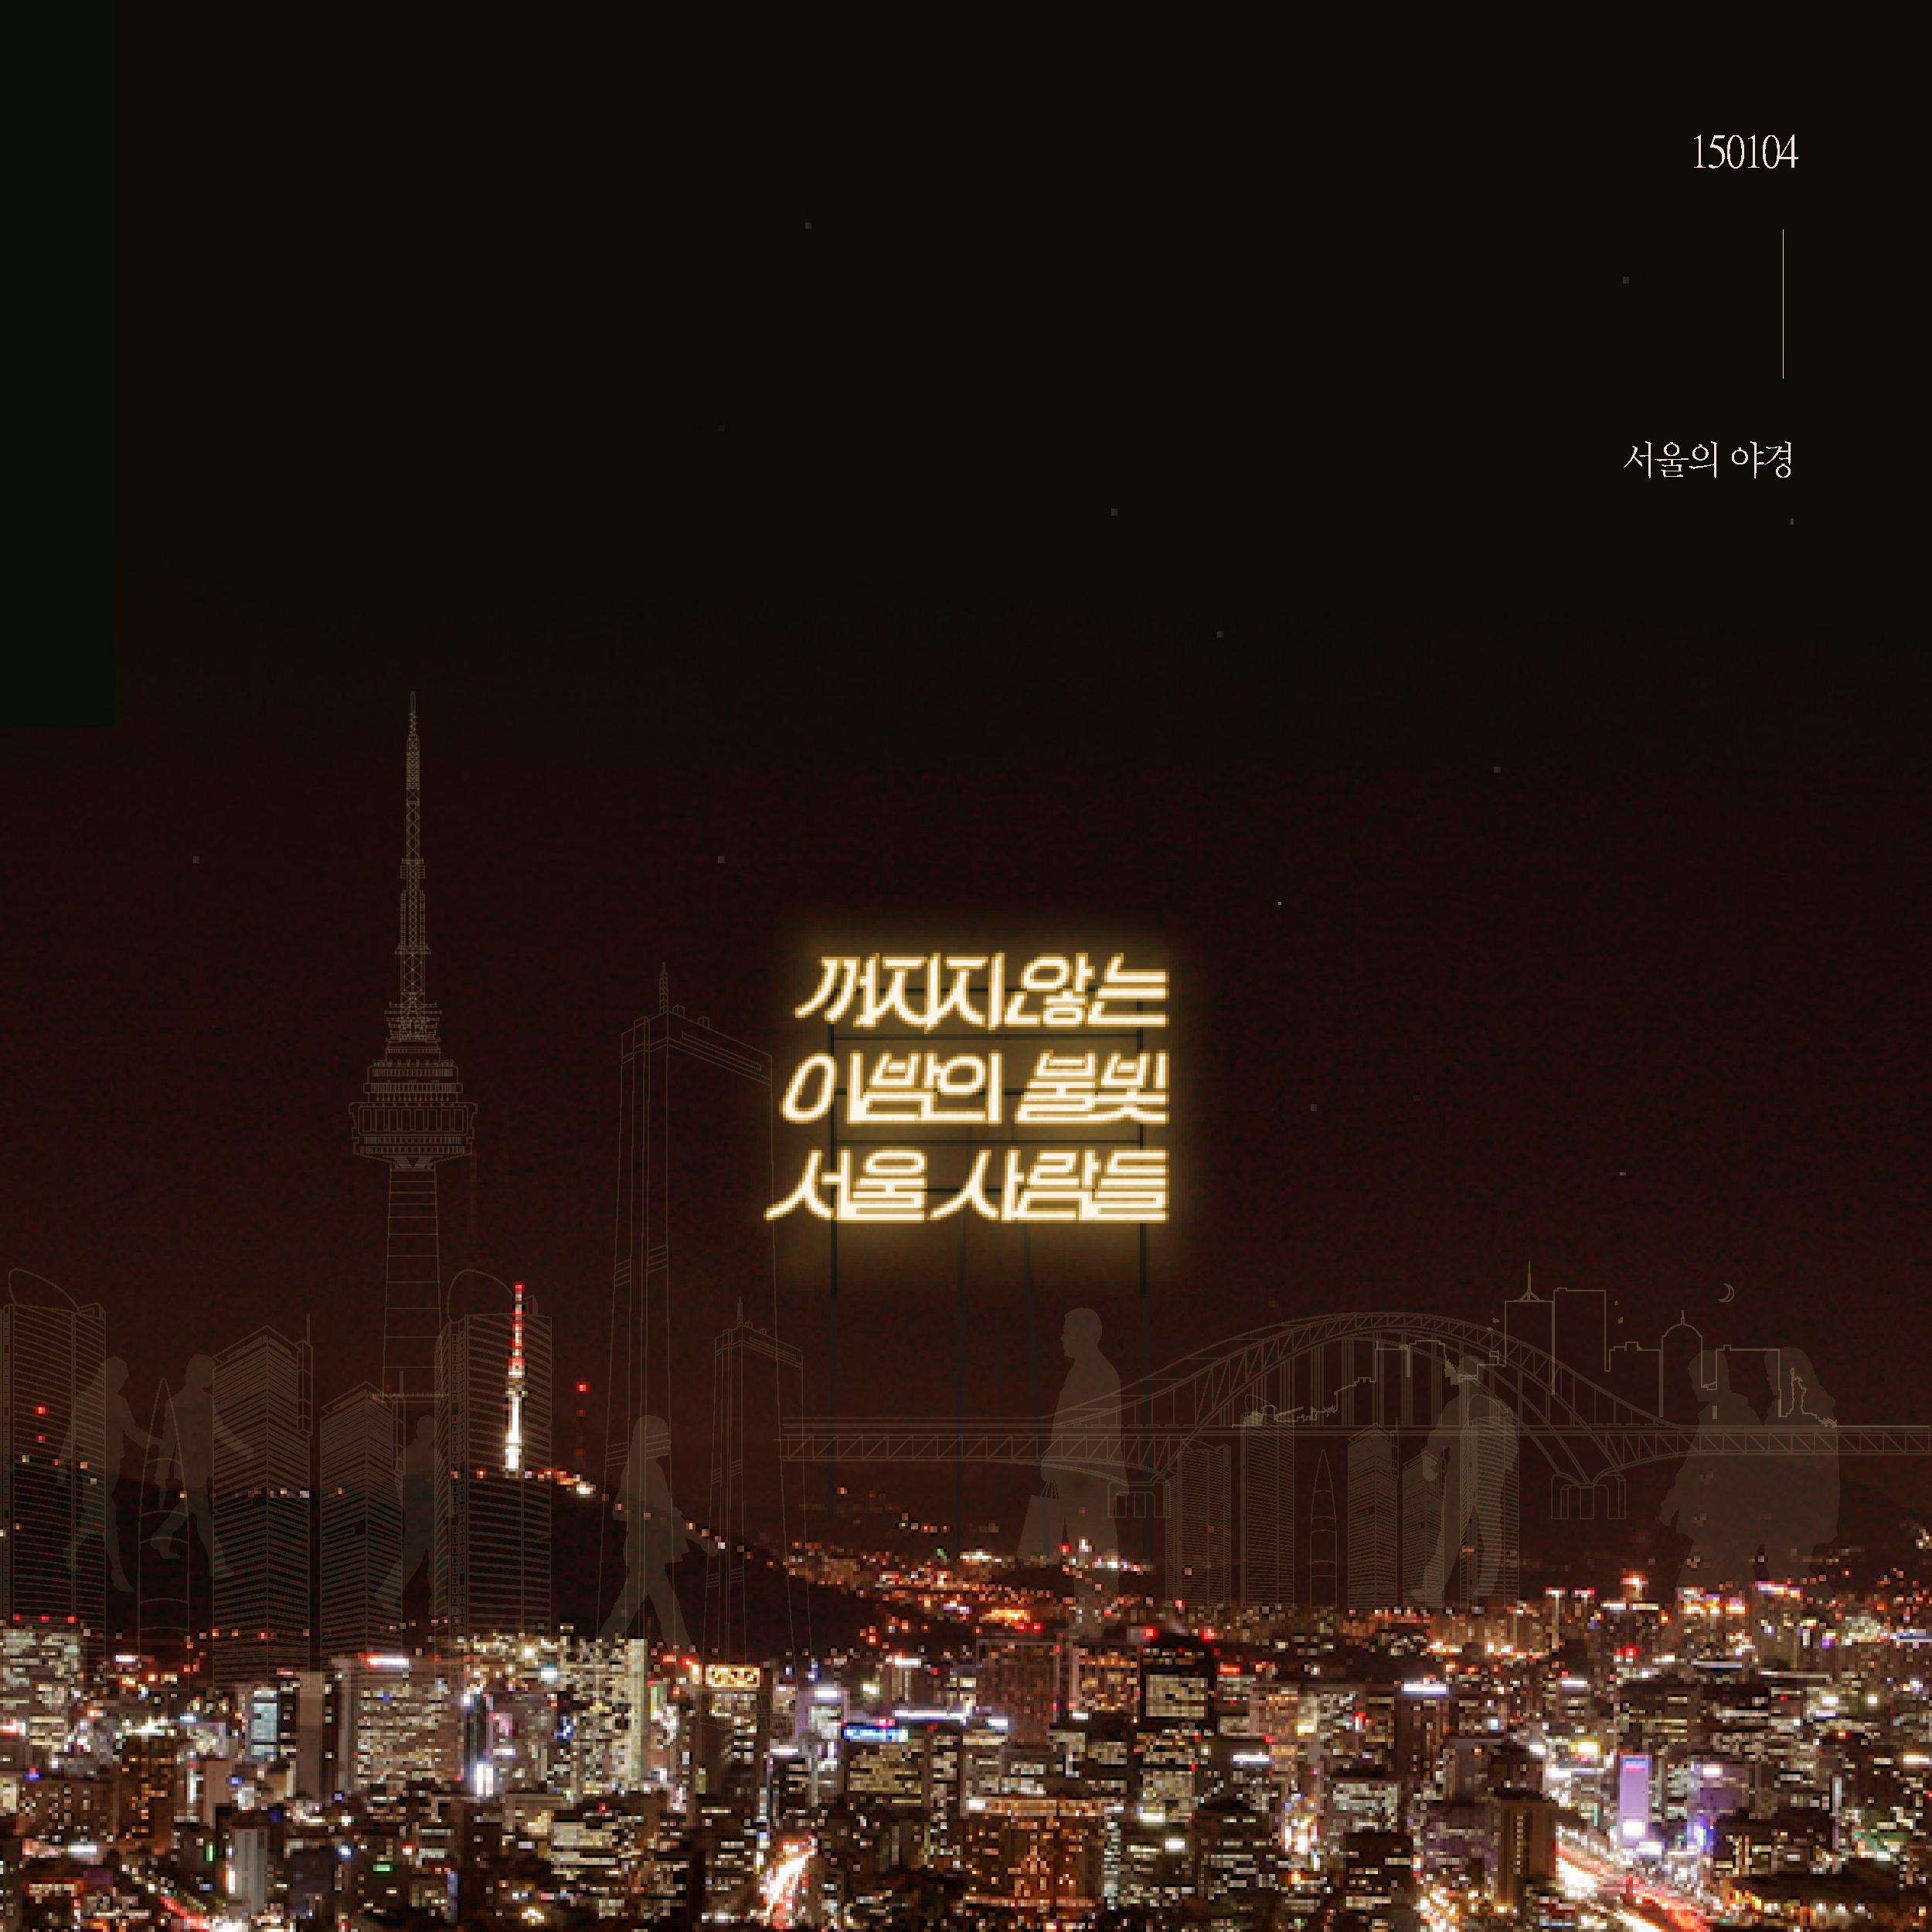 seoultypo-ryu-hyungjin-kim-ju-young-yu-kayoung